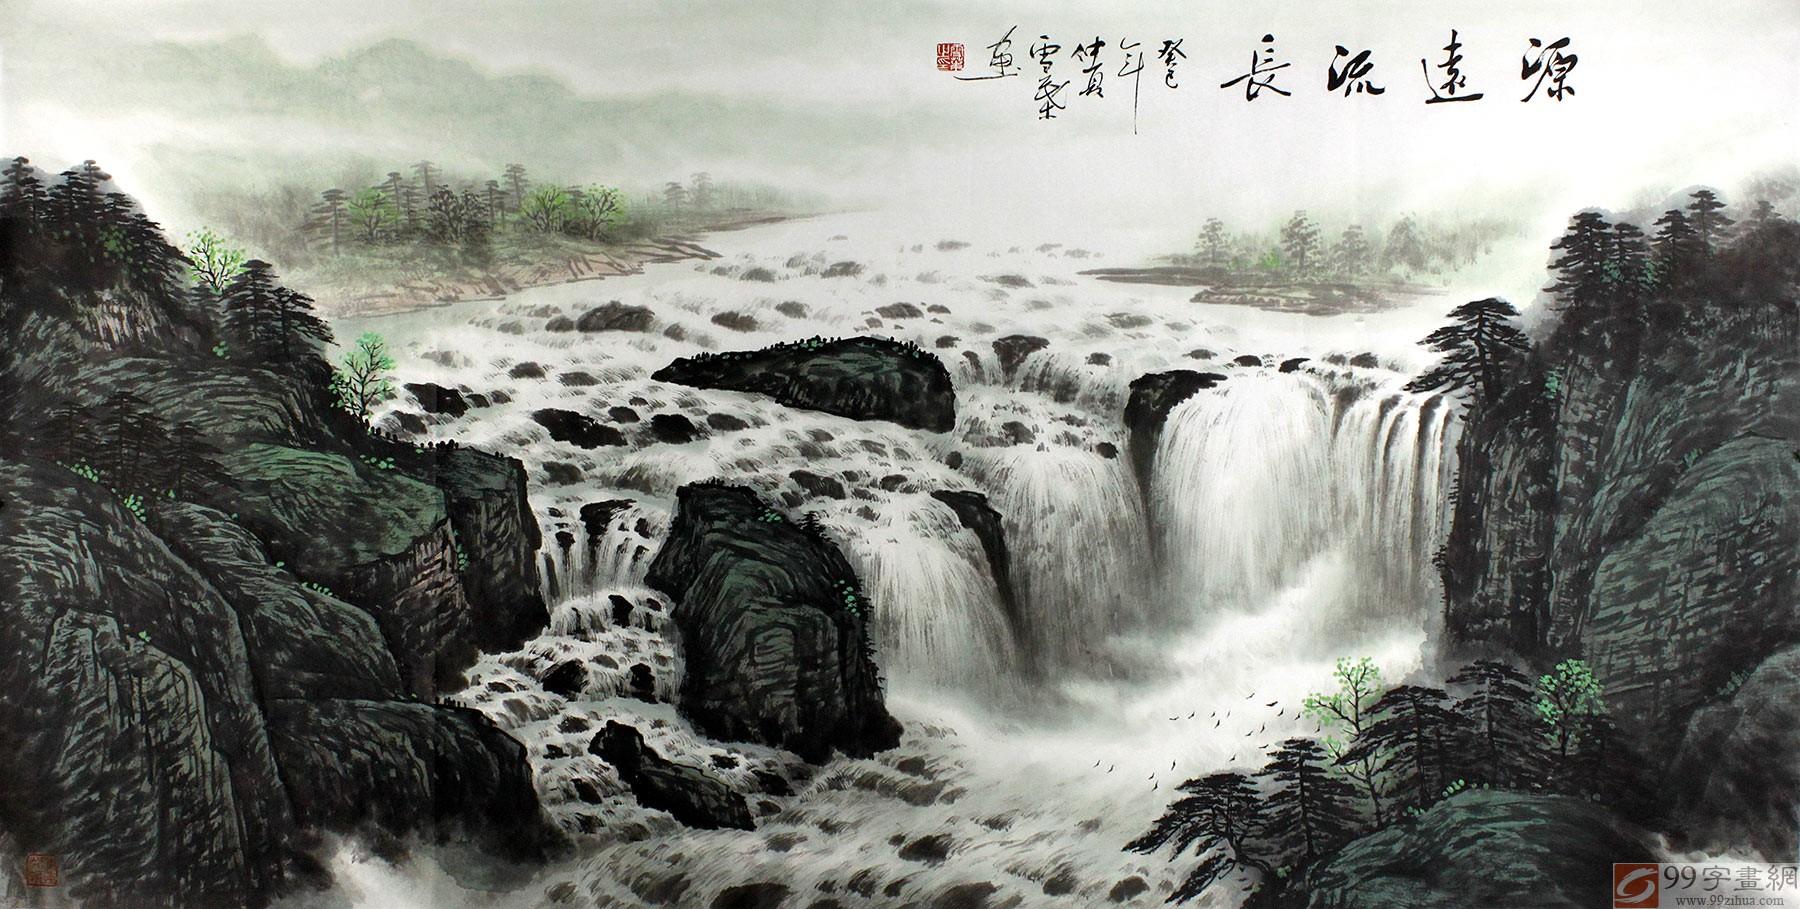 瀑布松树高山山水画